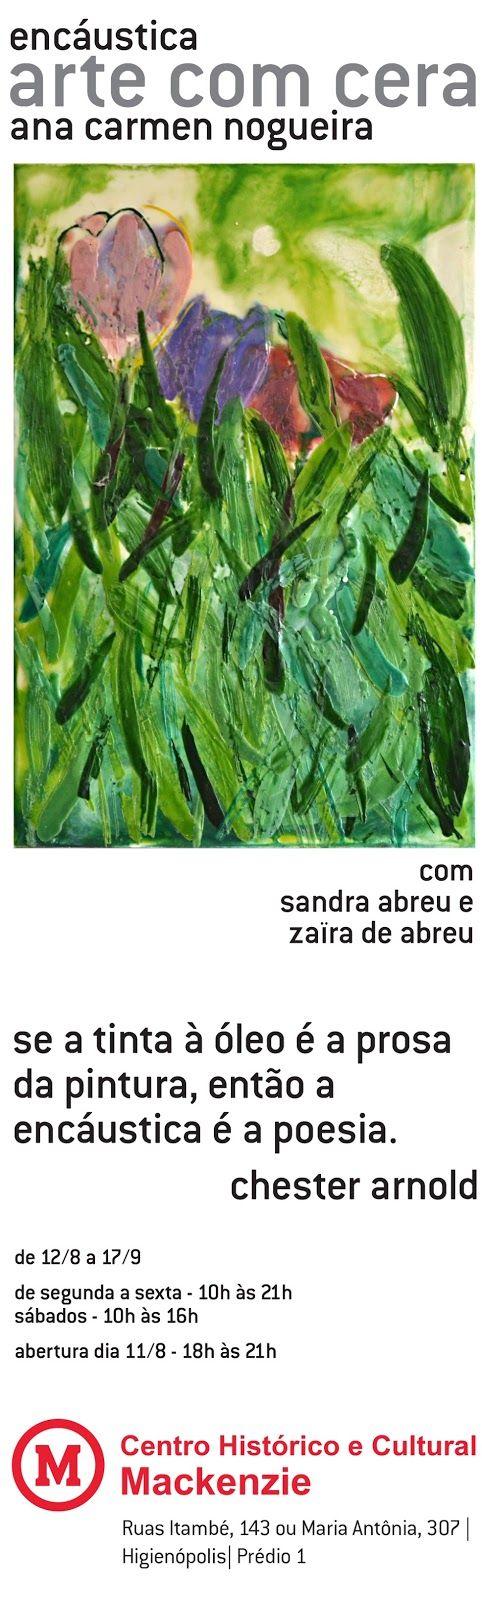 Ana Carmen Nogueira - Ateliê de Artes: Exposição Arte com Cera